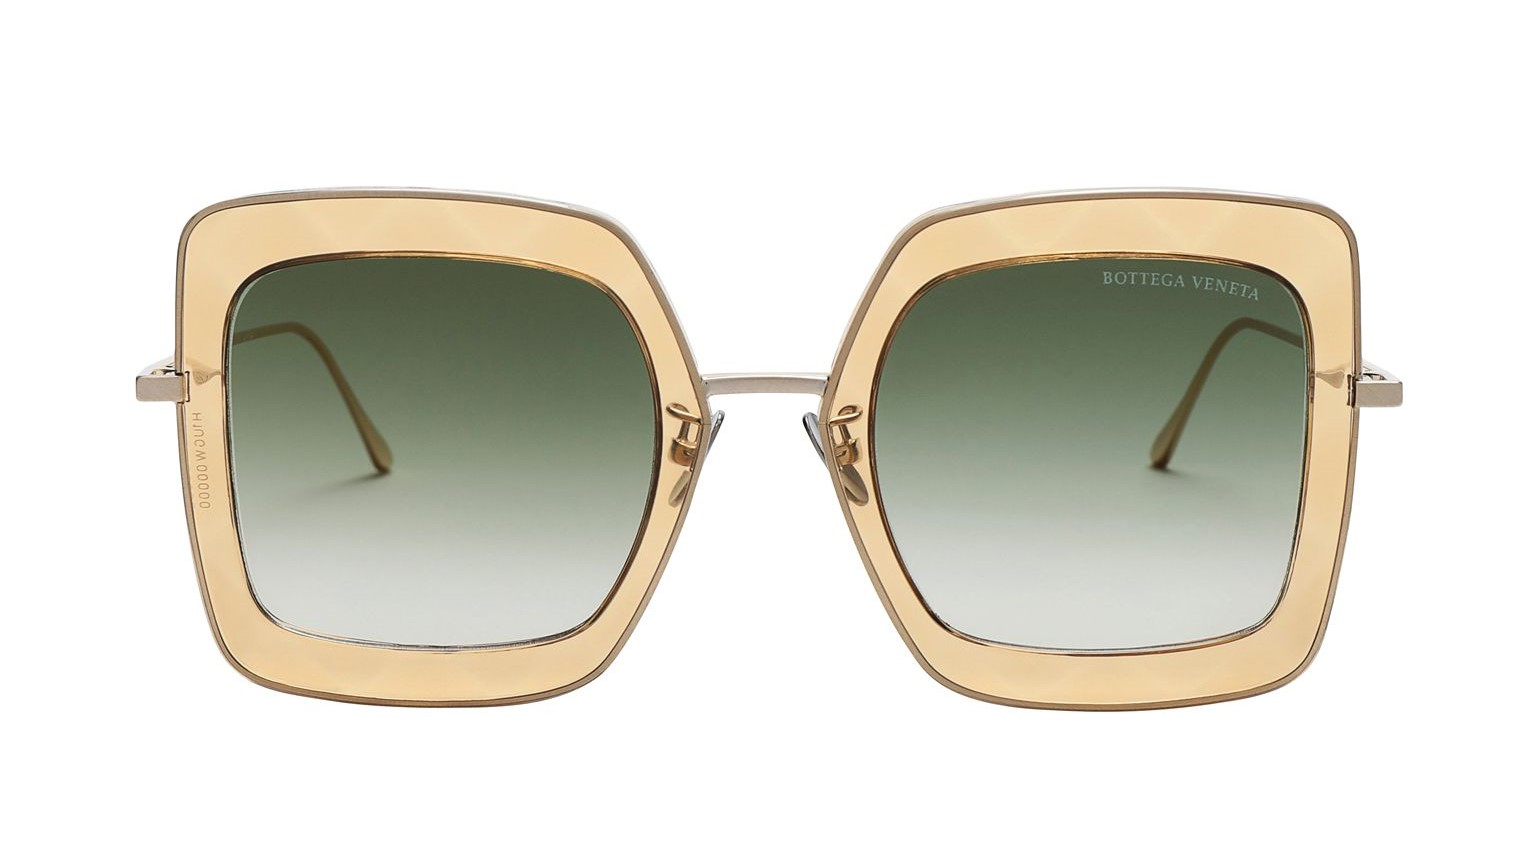 Bottega Veneta - Occhiale da Sole Donna, Gold/Green Shaded  BV0209S-004  C51